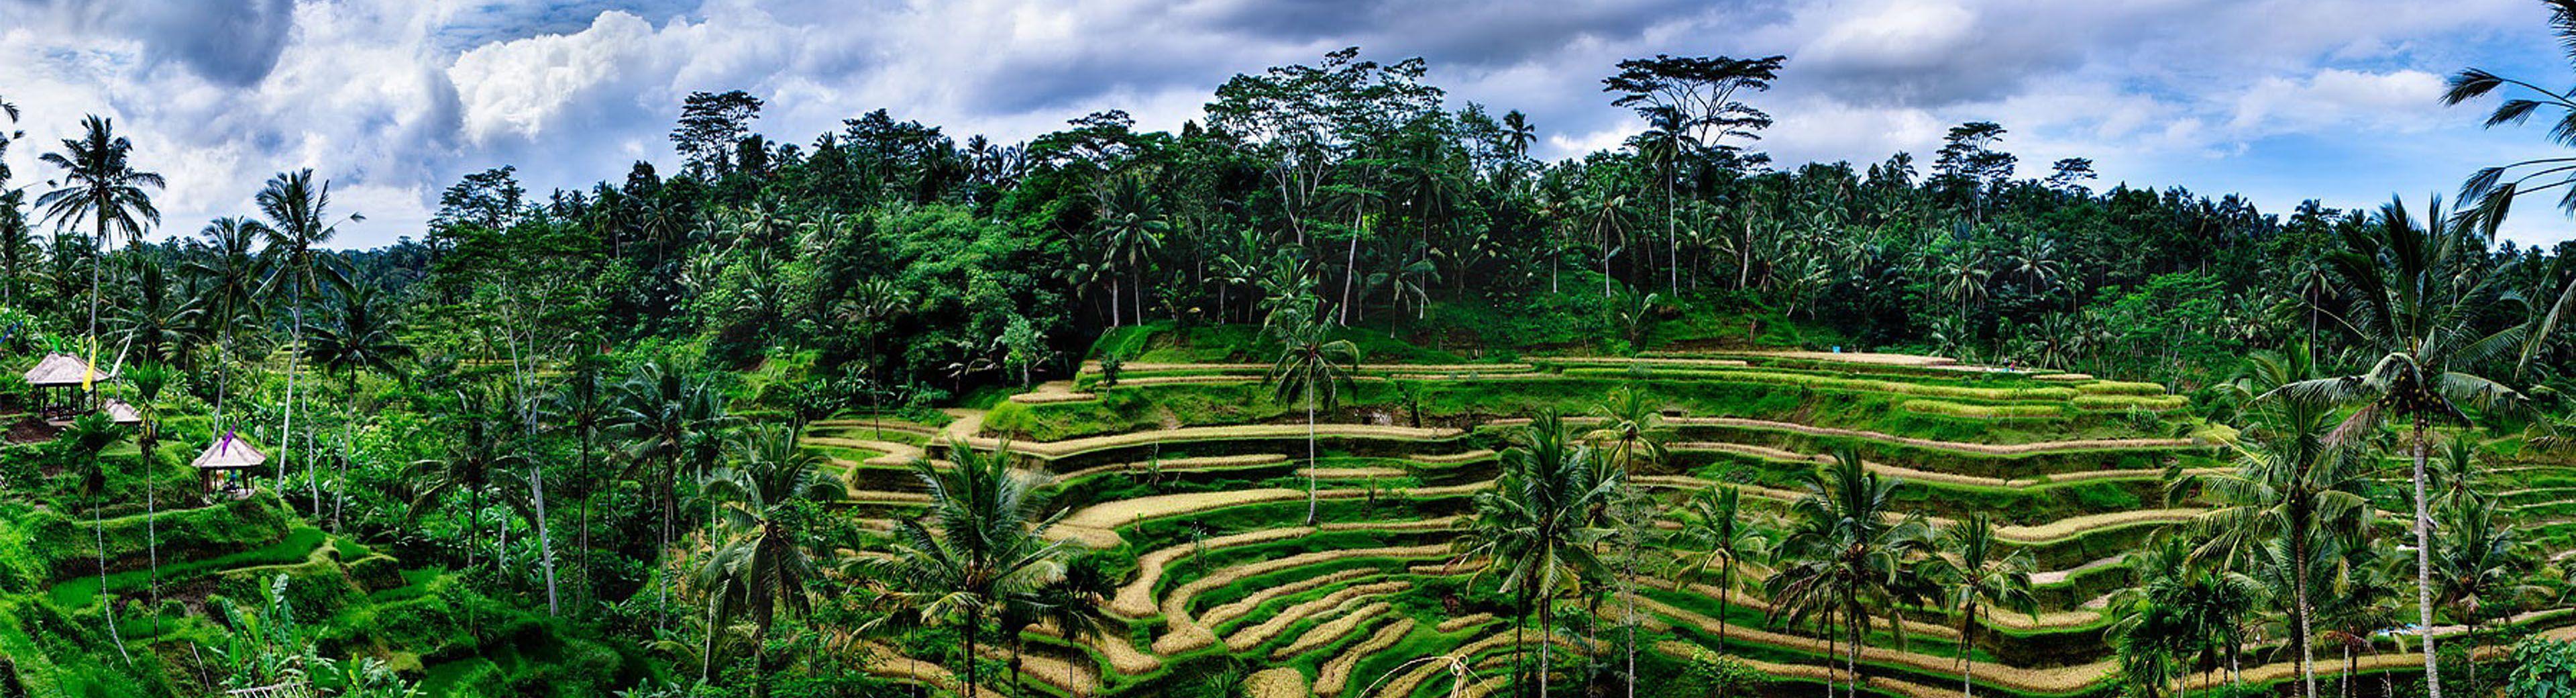 4 انشطة سياحية يمكن القيام بها في مدرجات أرز تيجالالانج